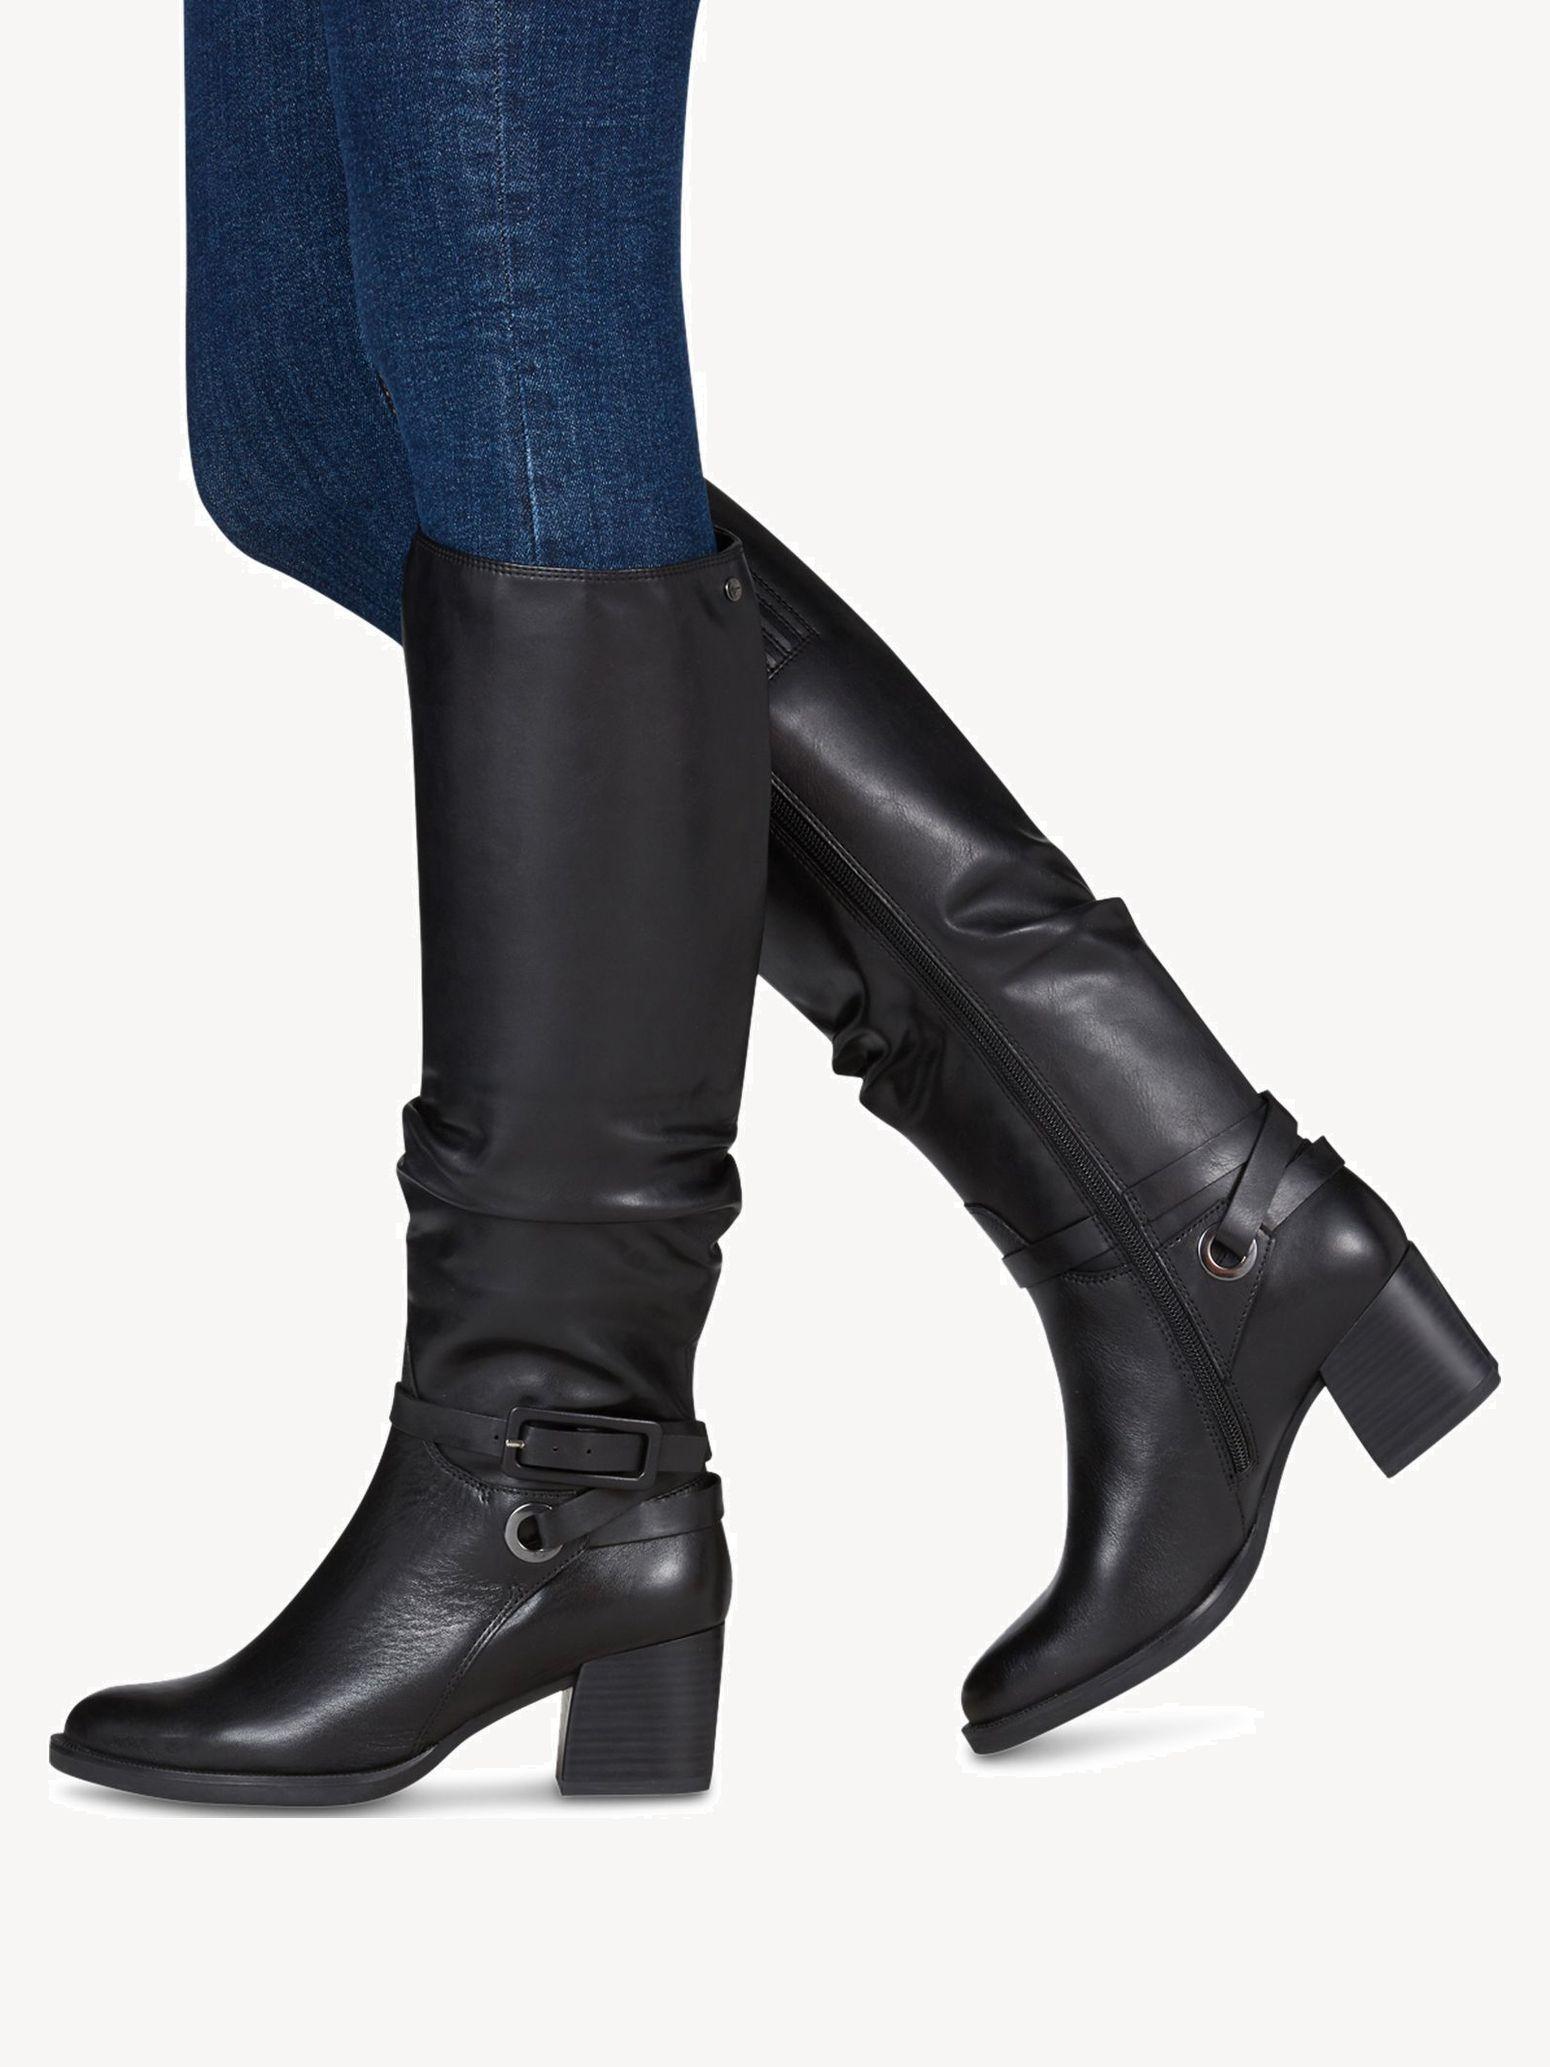 Online Kaufen 25563 1 Stiefel 1 31Tamaris TkZOiwPXu